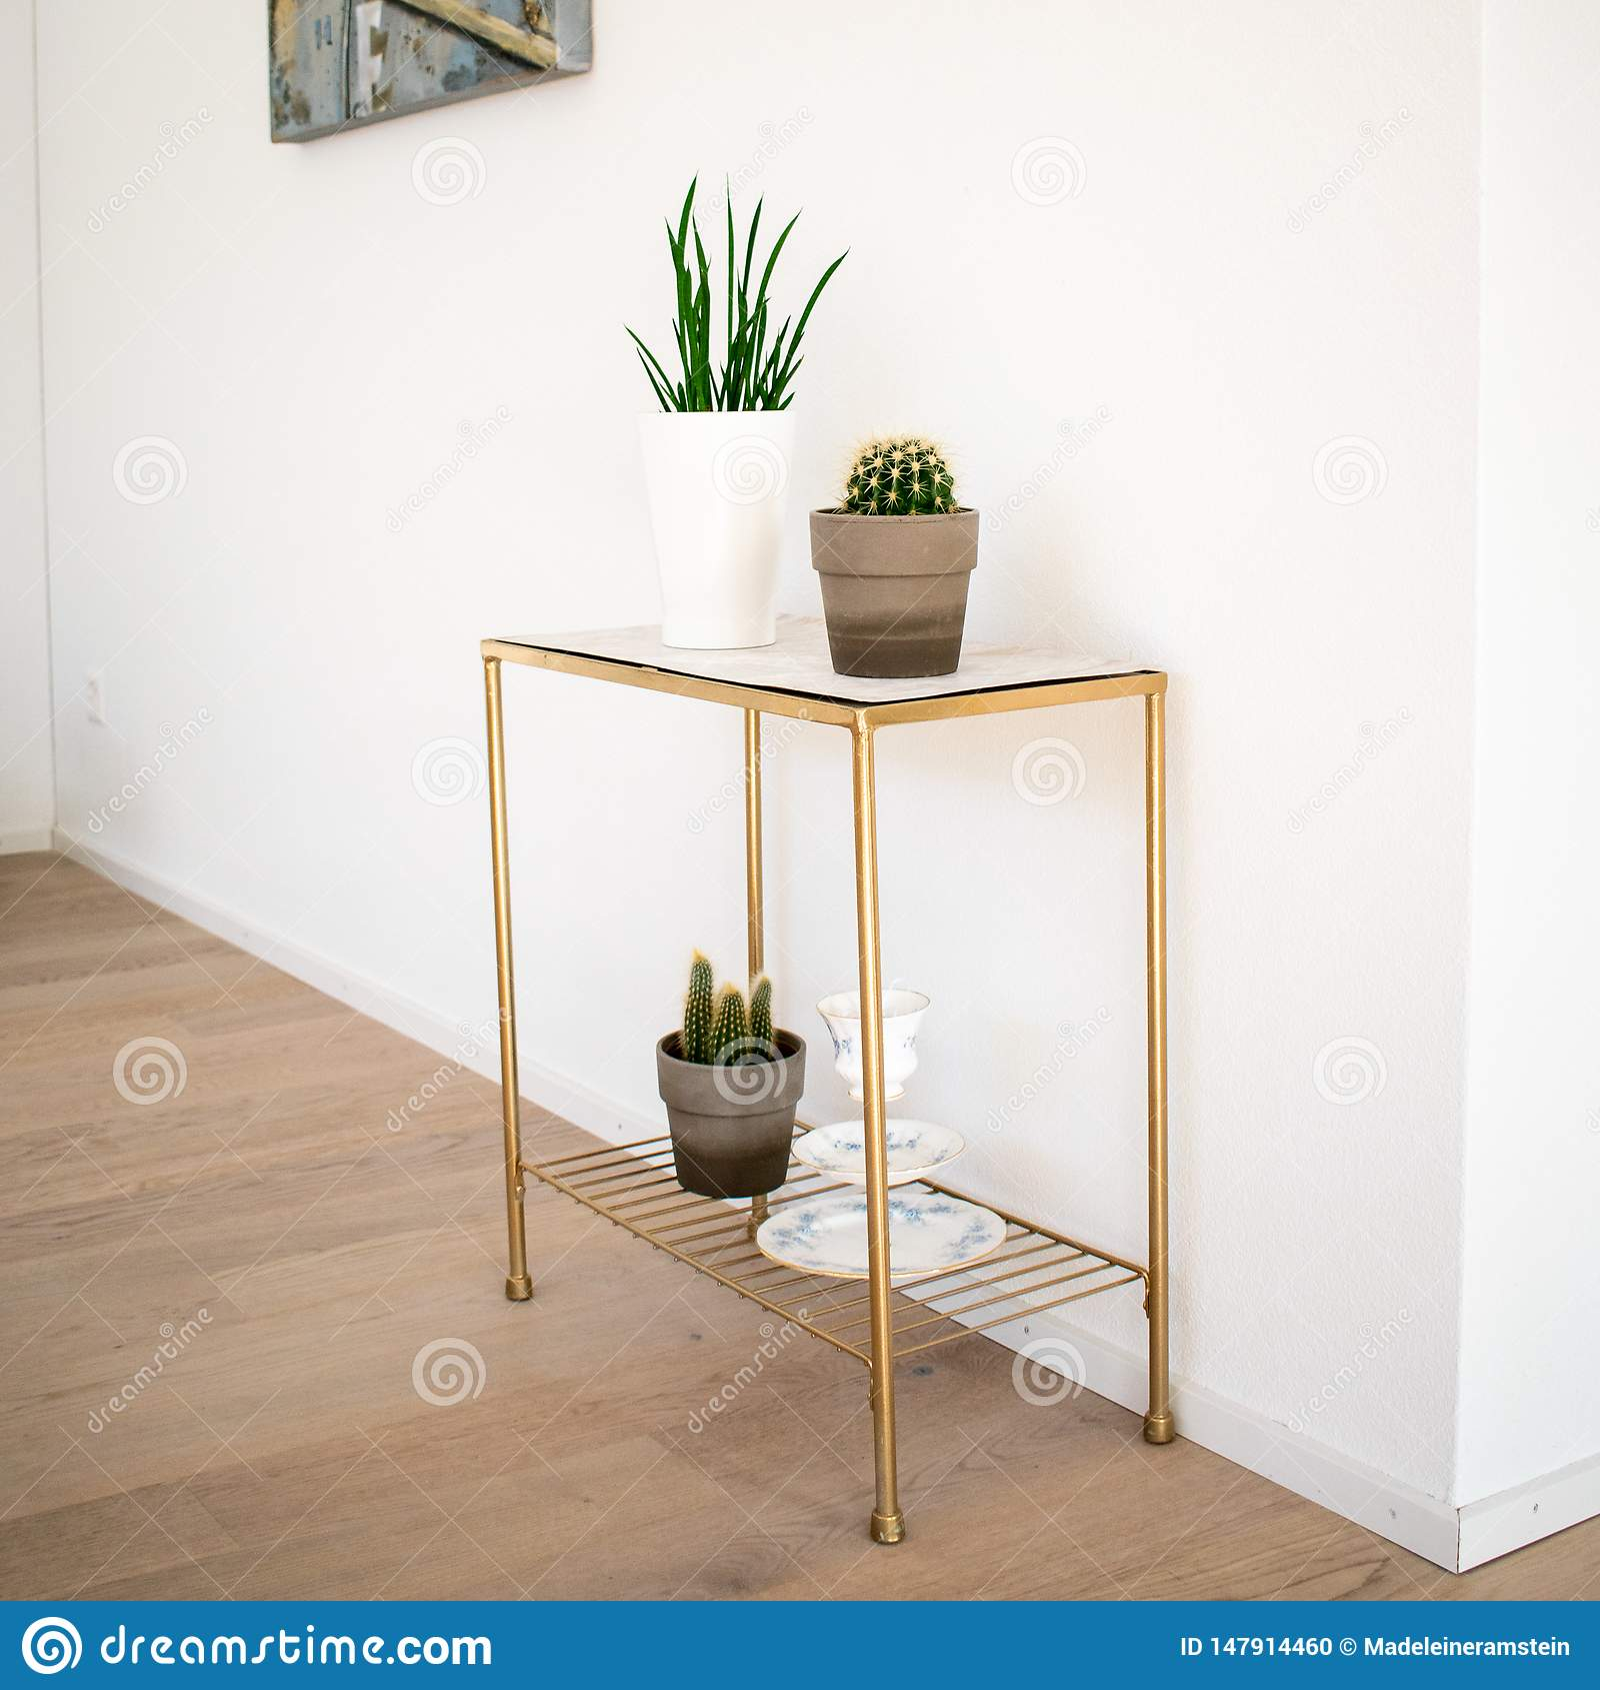 Decoração interior; tabela lateral do dourado-mármore com as plantas internas no assoalho de parquet